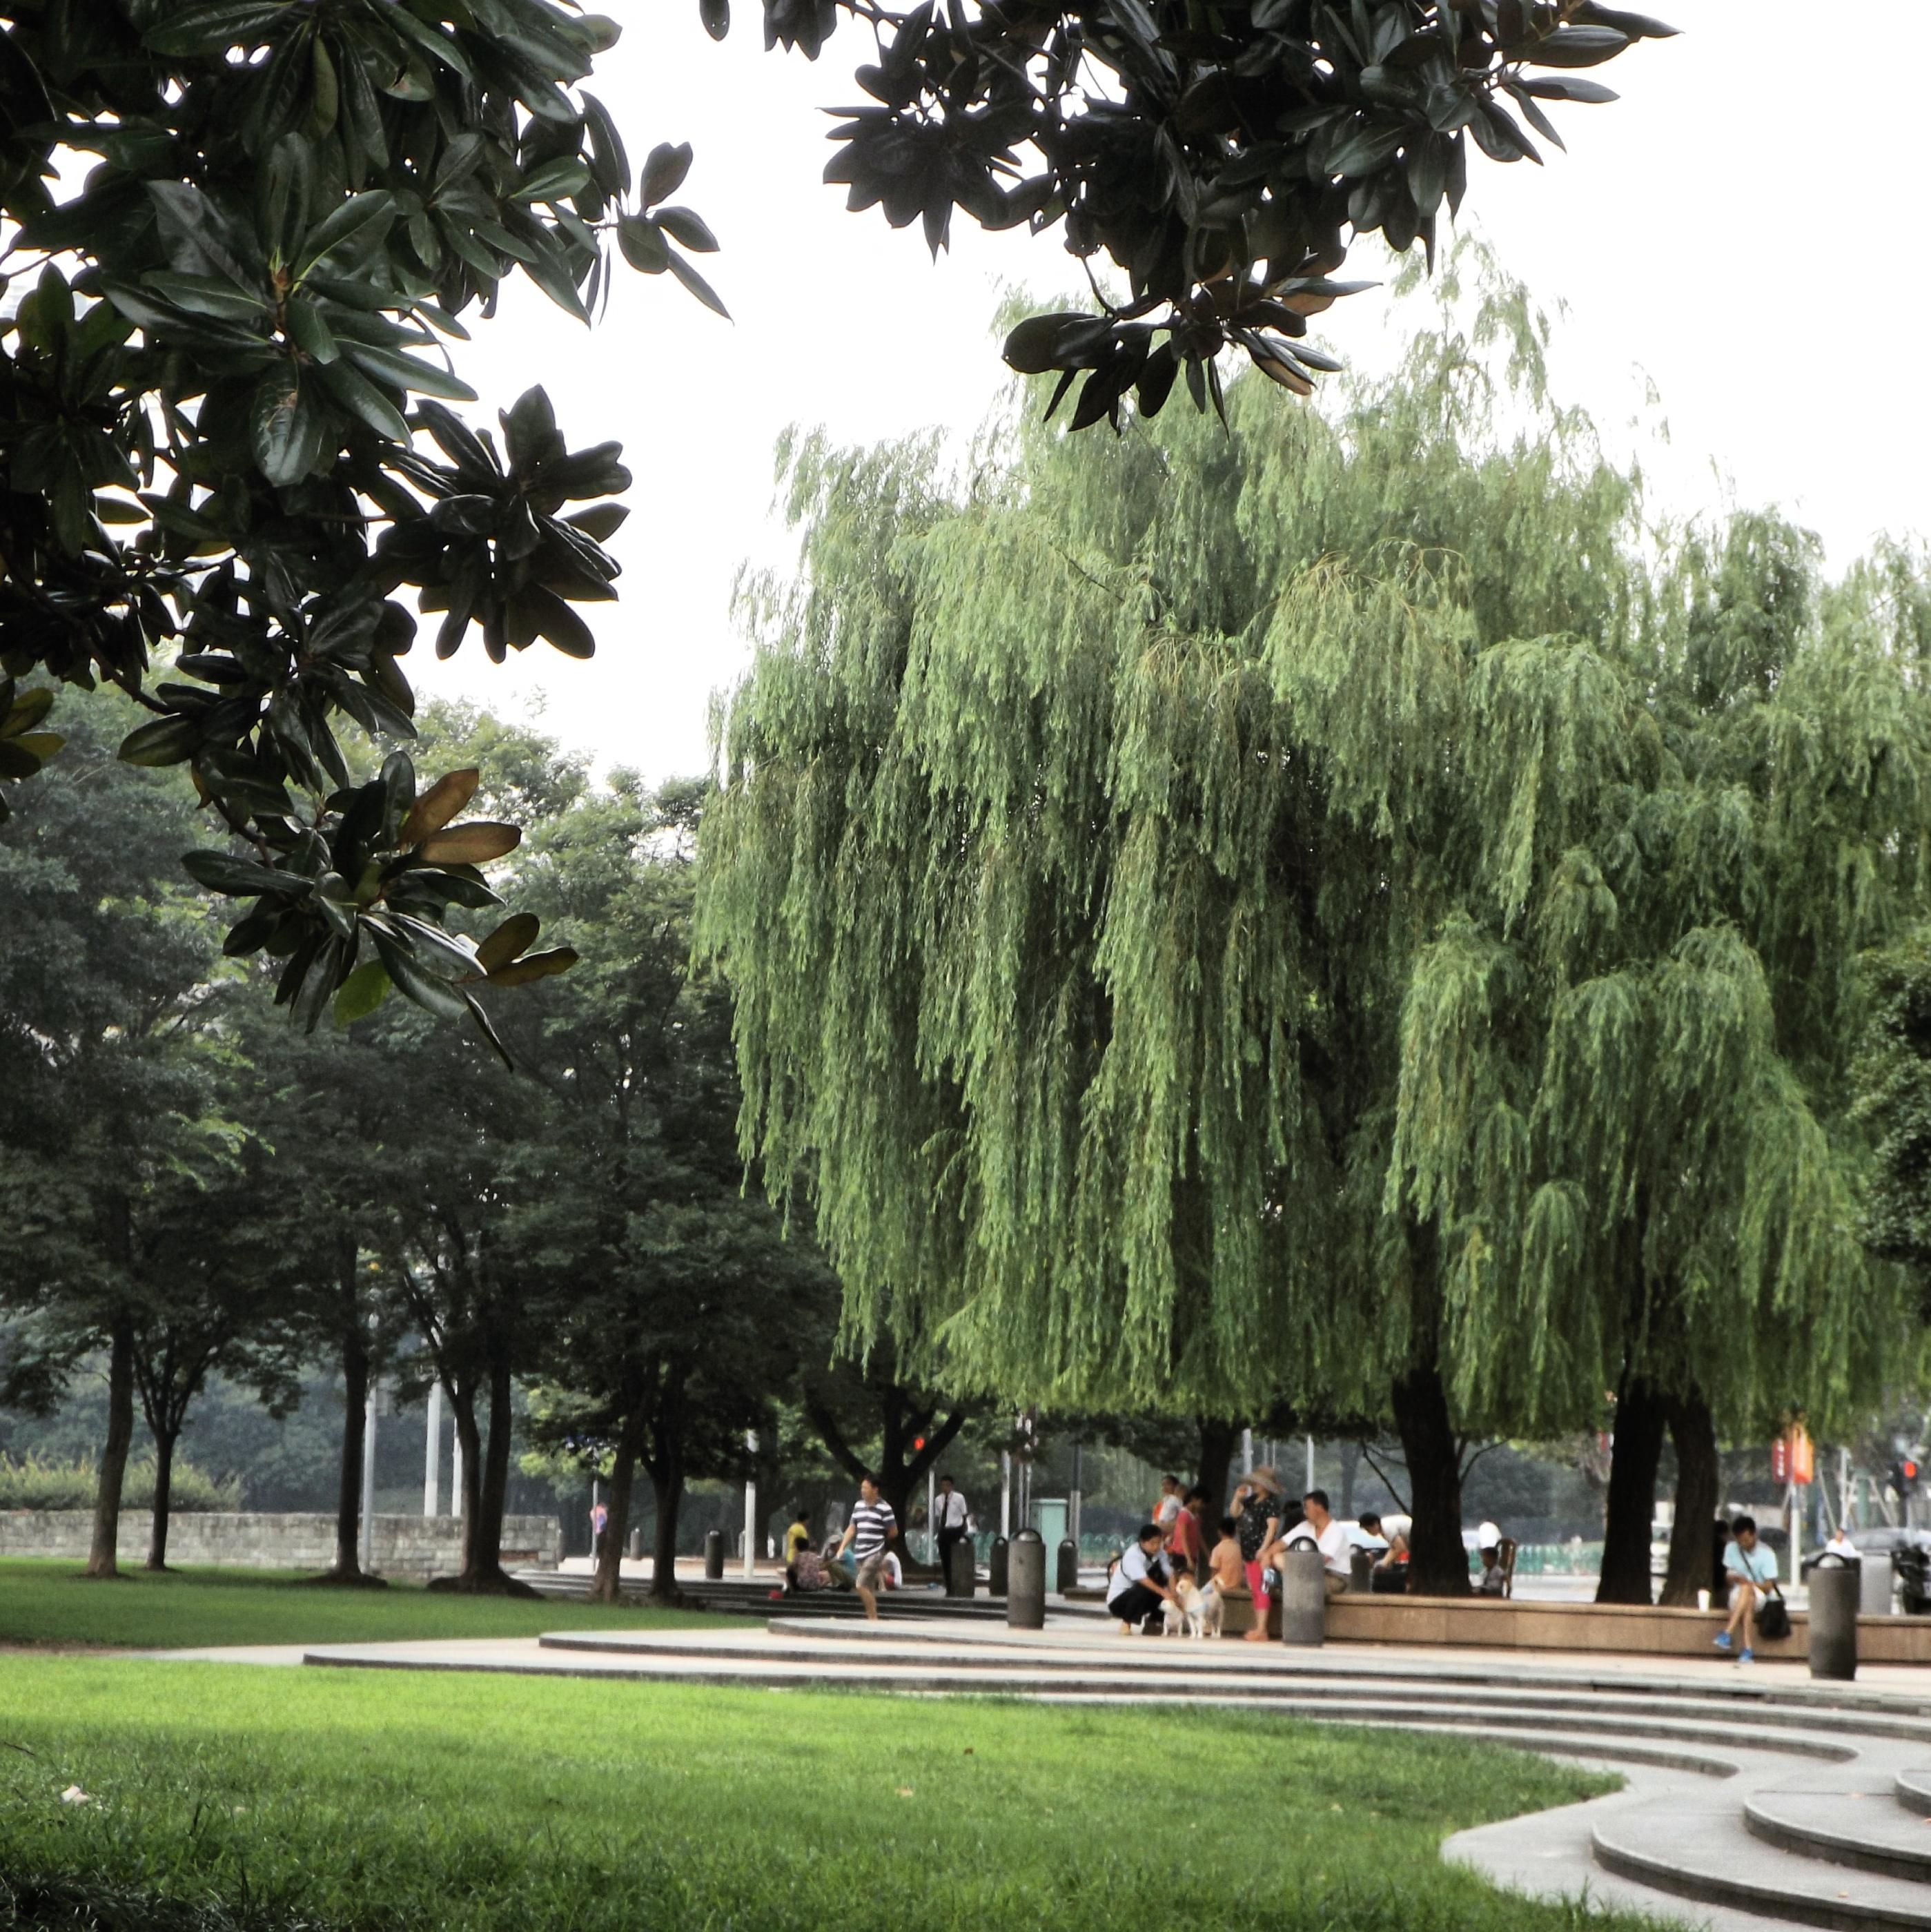 Xintiandi park